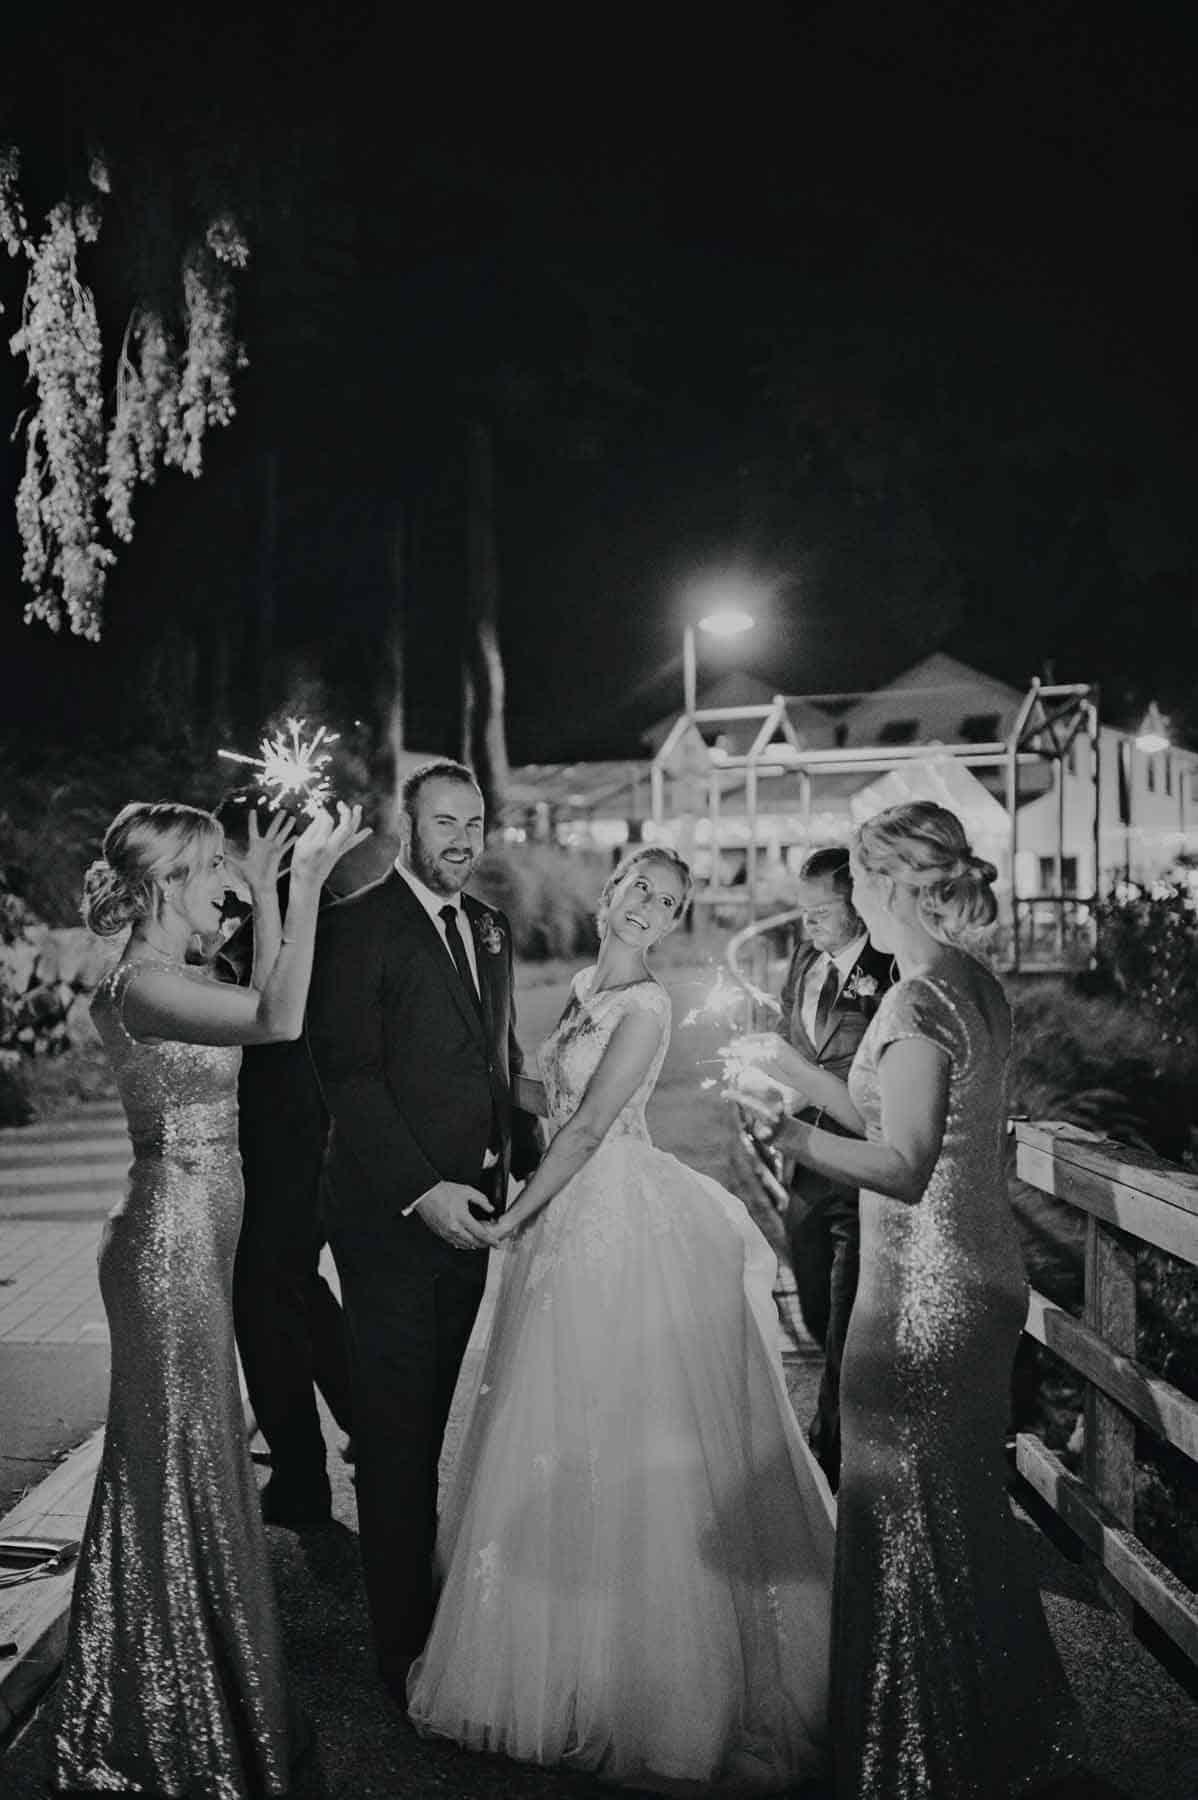 Brisbane Wedding Reception Venue Riverlife - sparklers